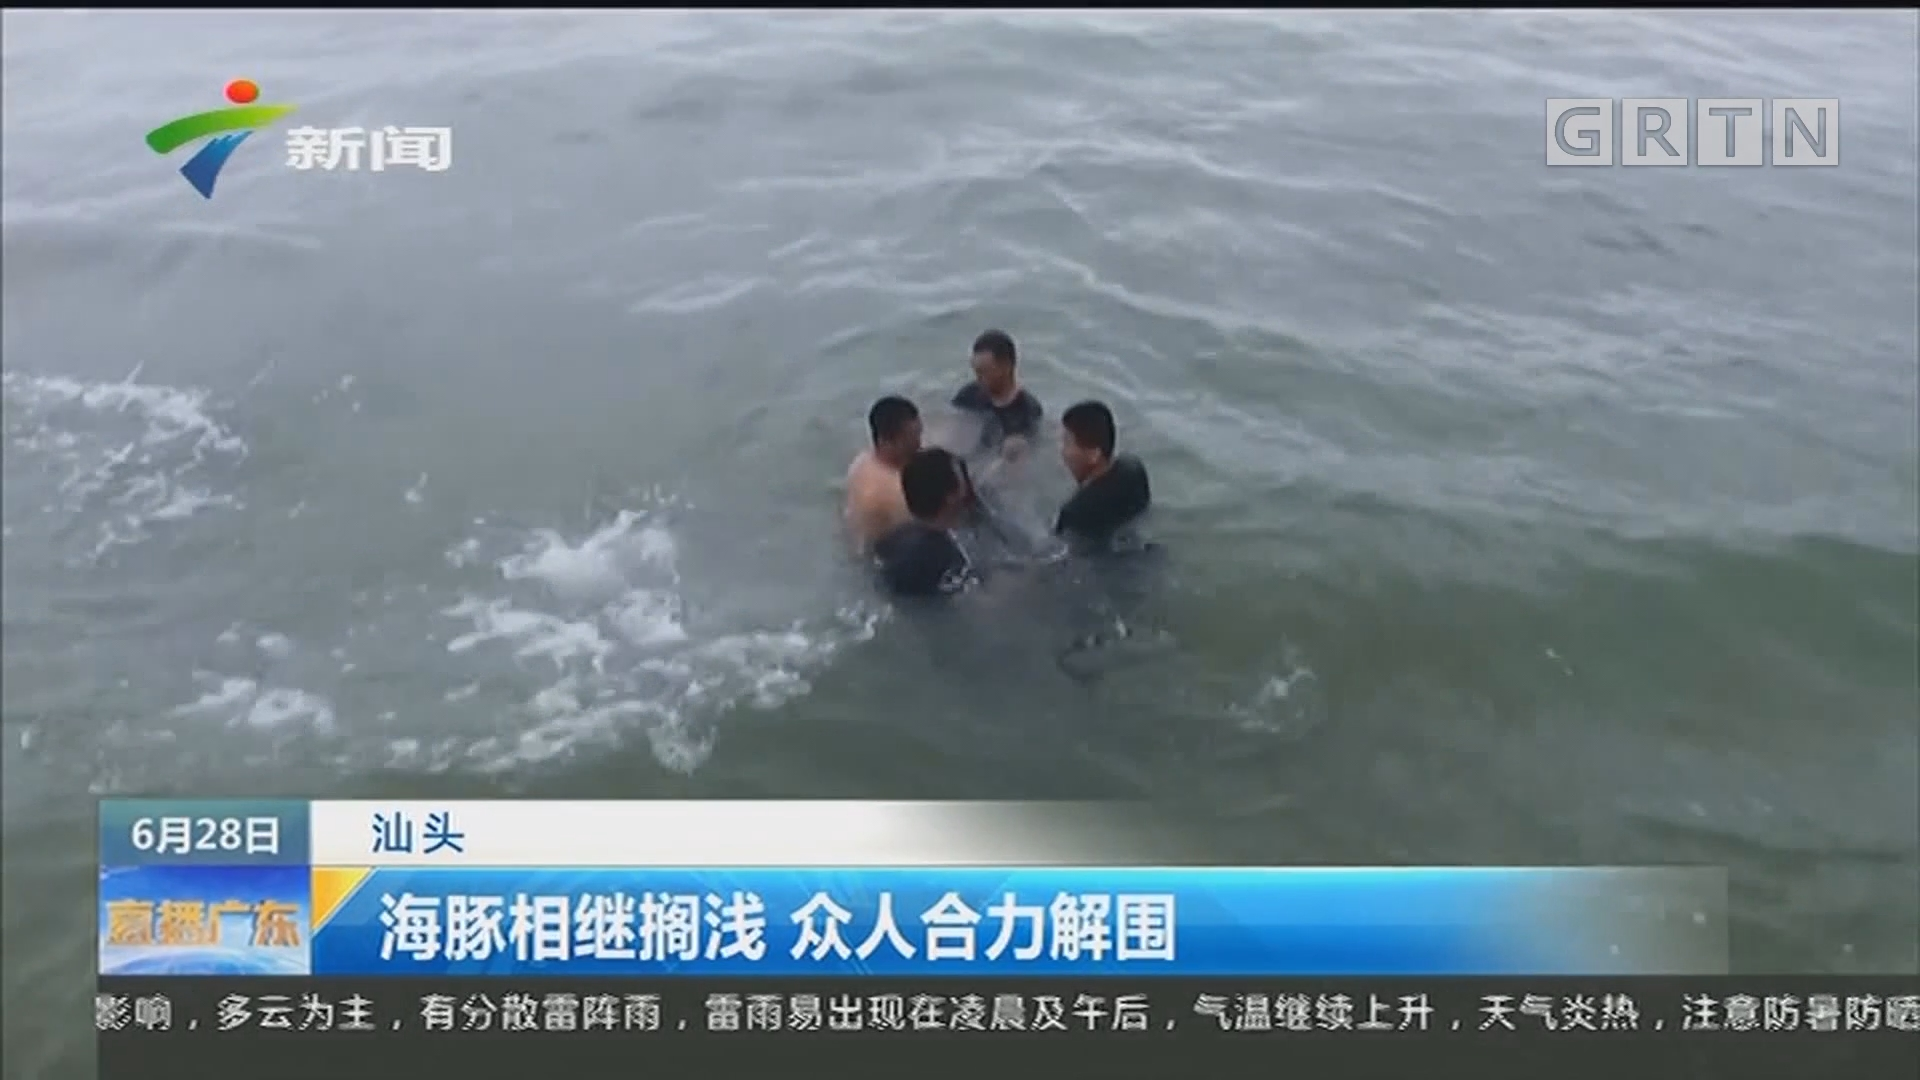 汕头:海豚相继搁浅 众人合力解围